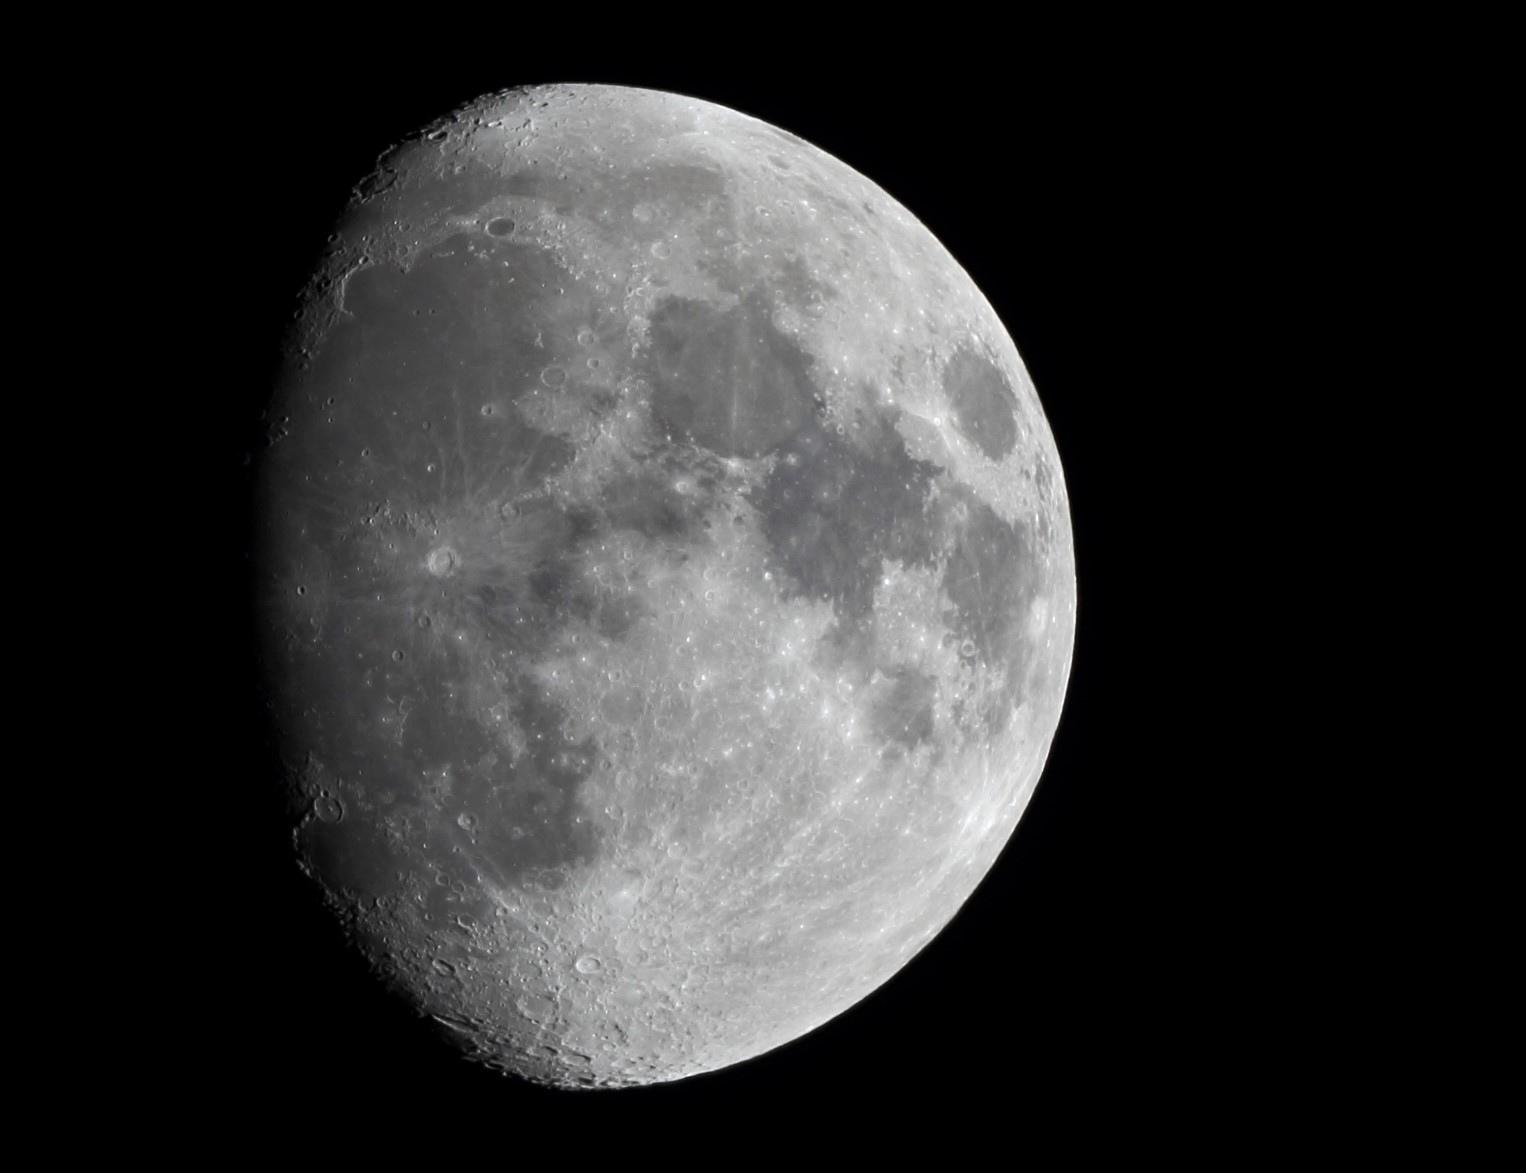 Le 6 janvier 2020, lune de 10 jours